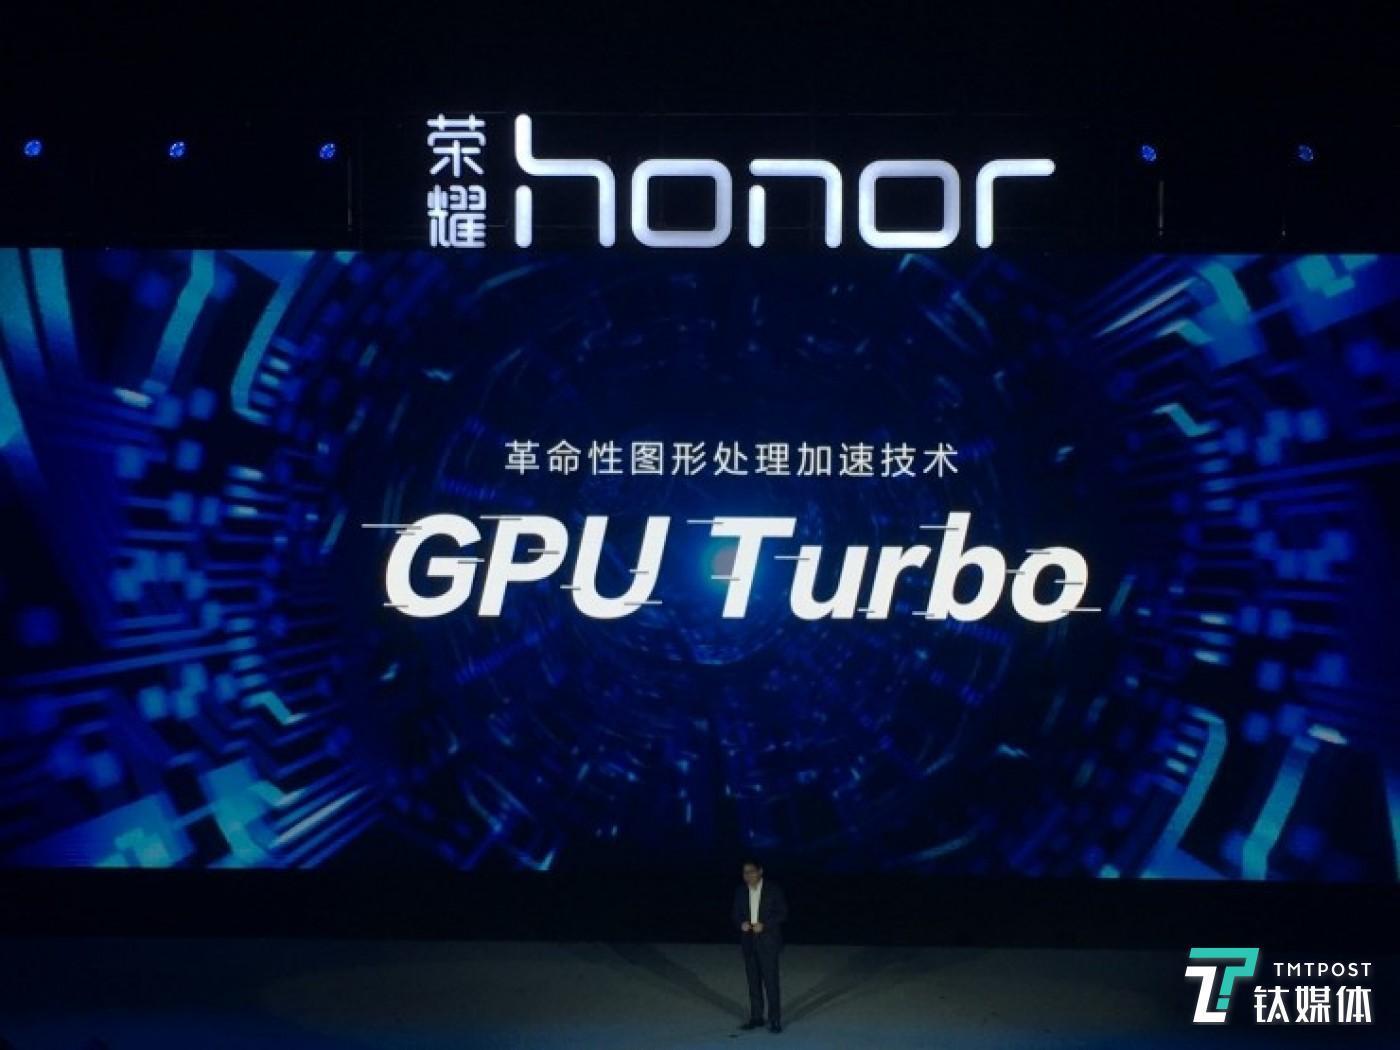 荣耀GPU Turbo图形处理加速技术